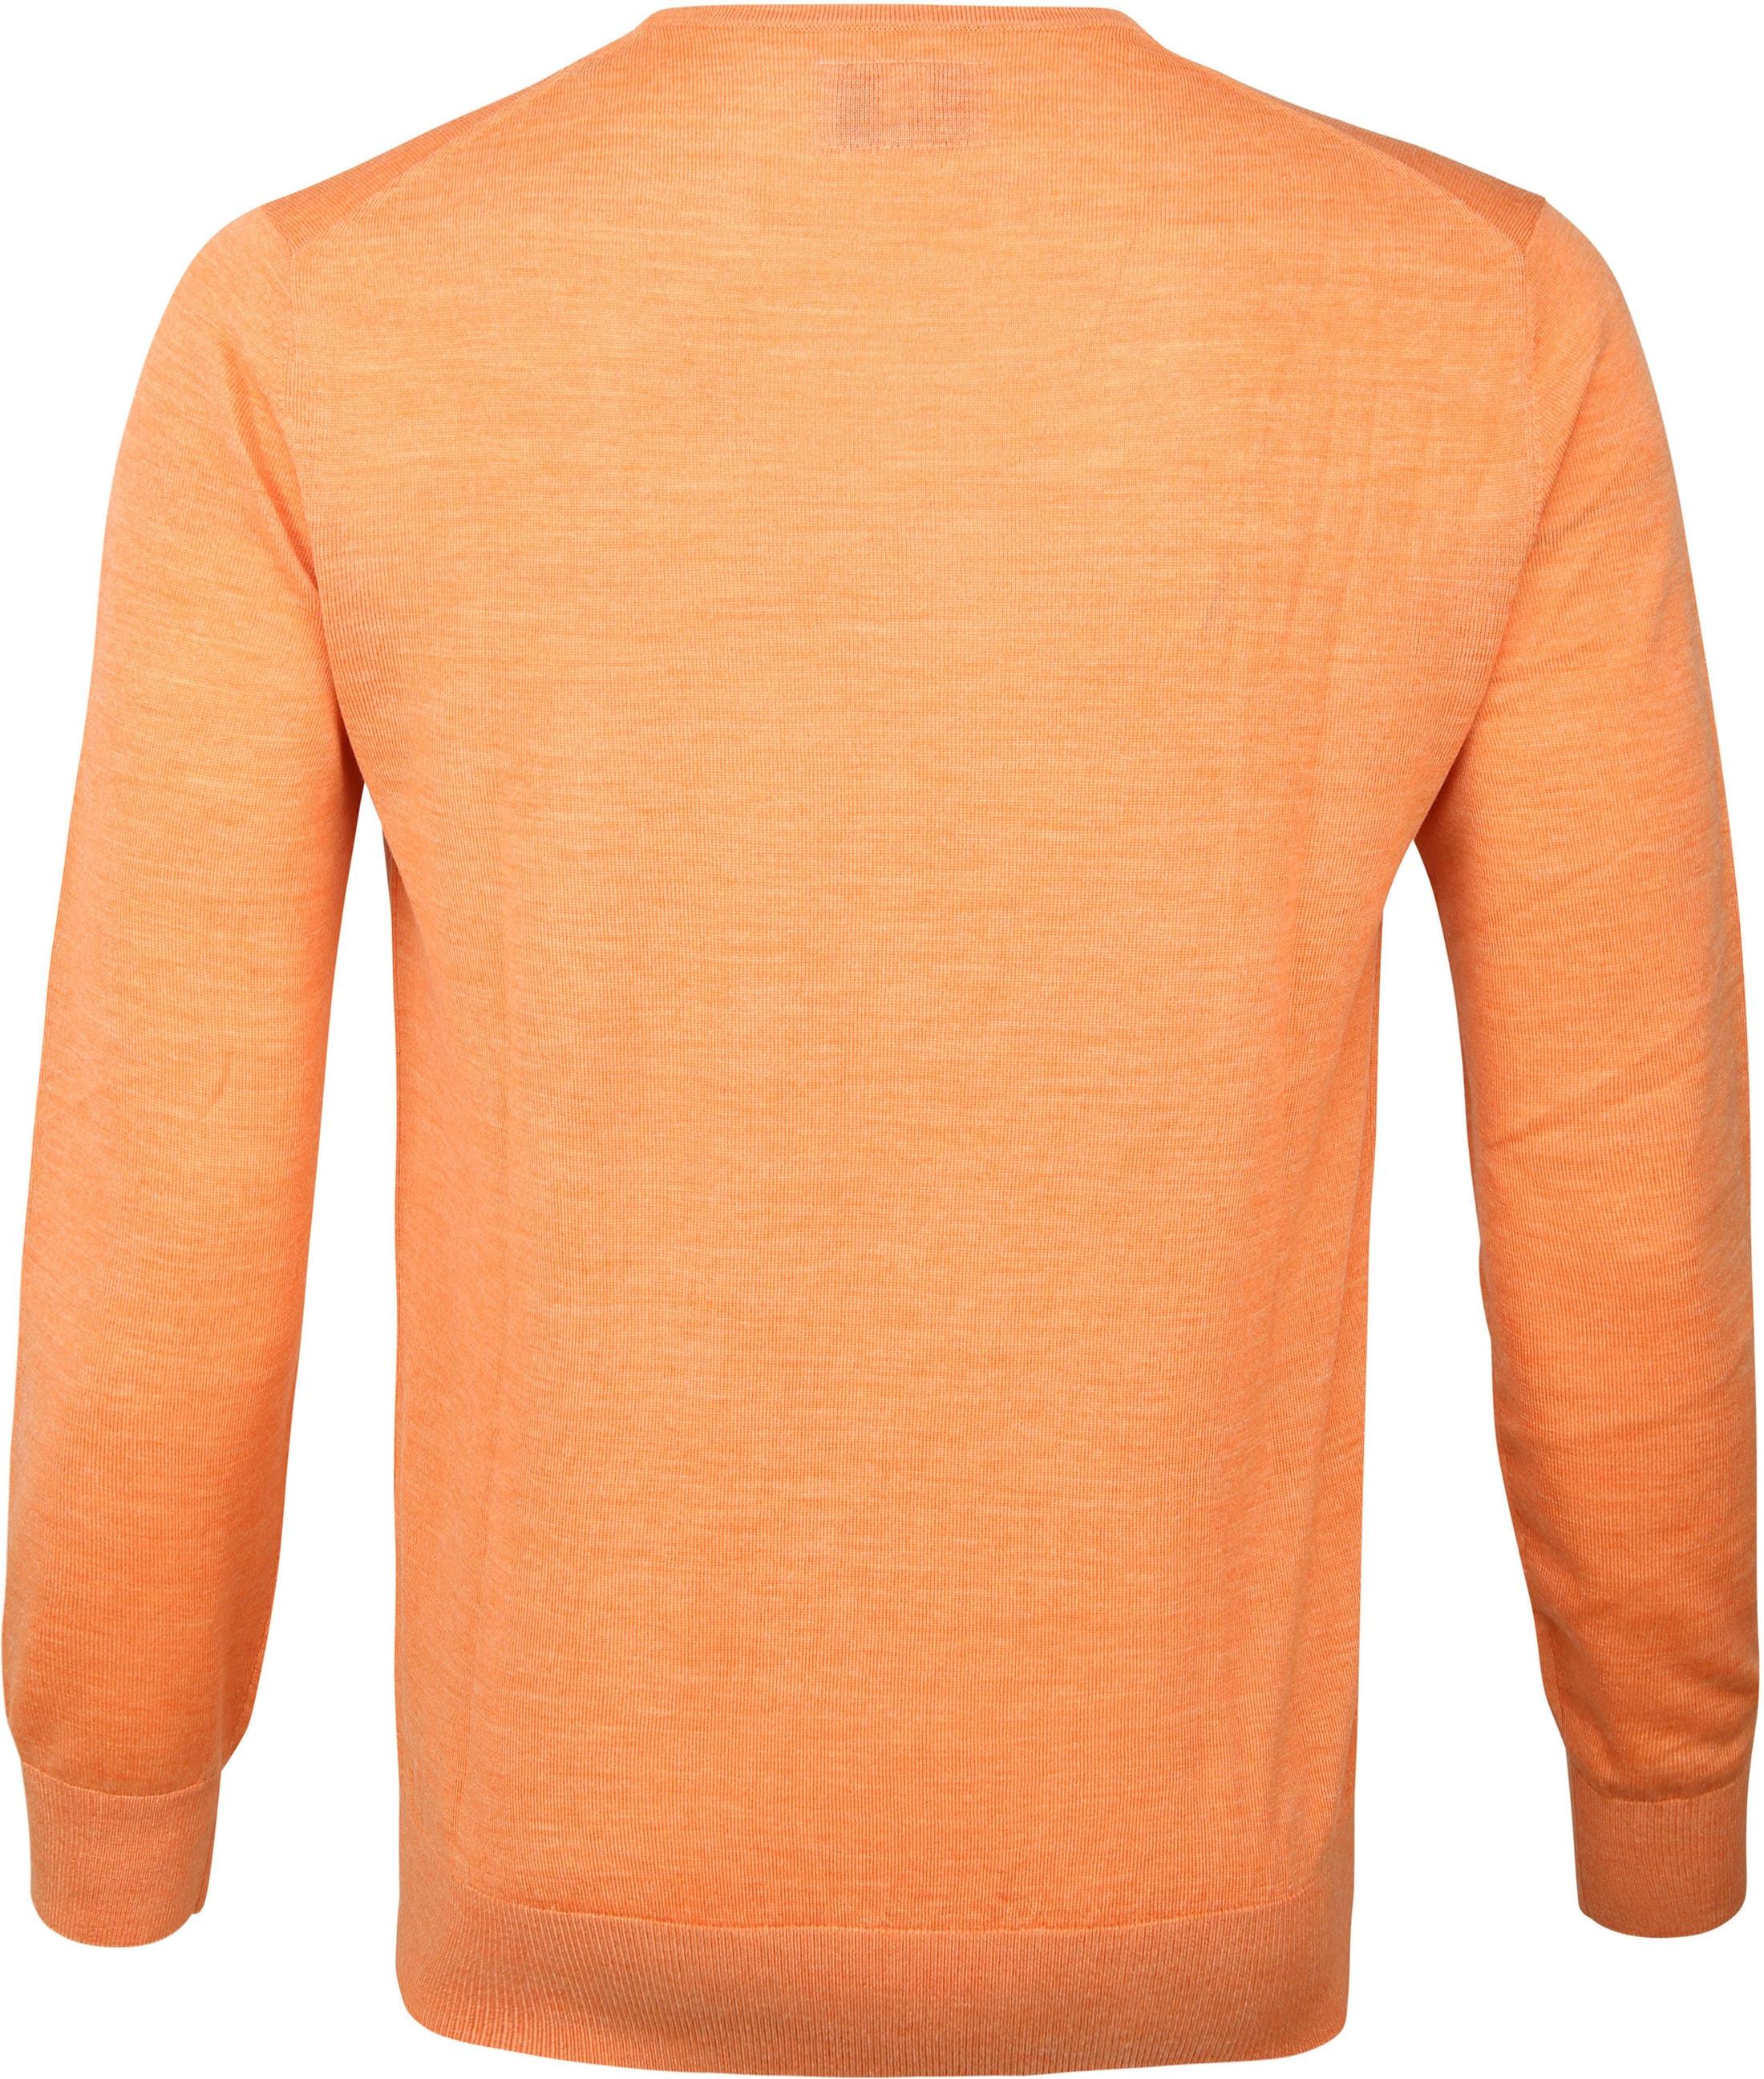 Suitable Prestige Merino Pullover Oranje